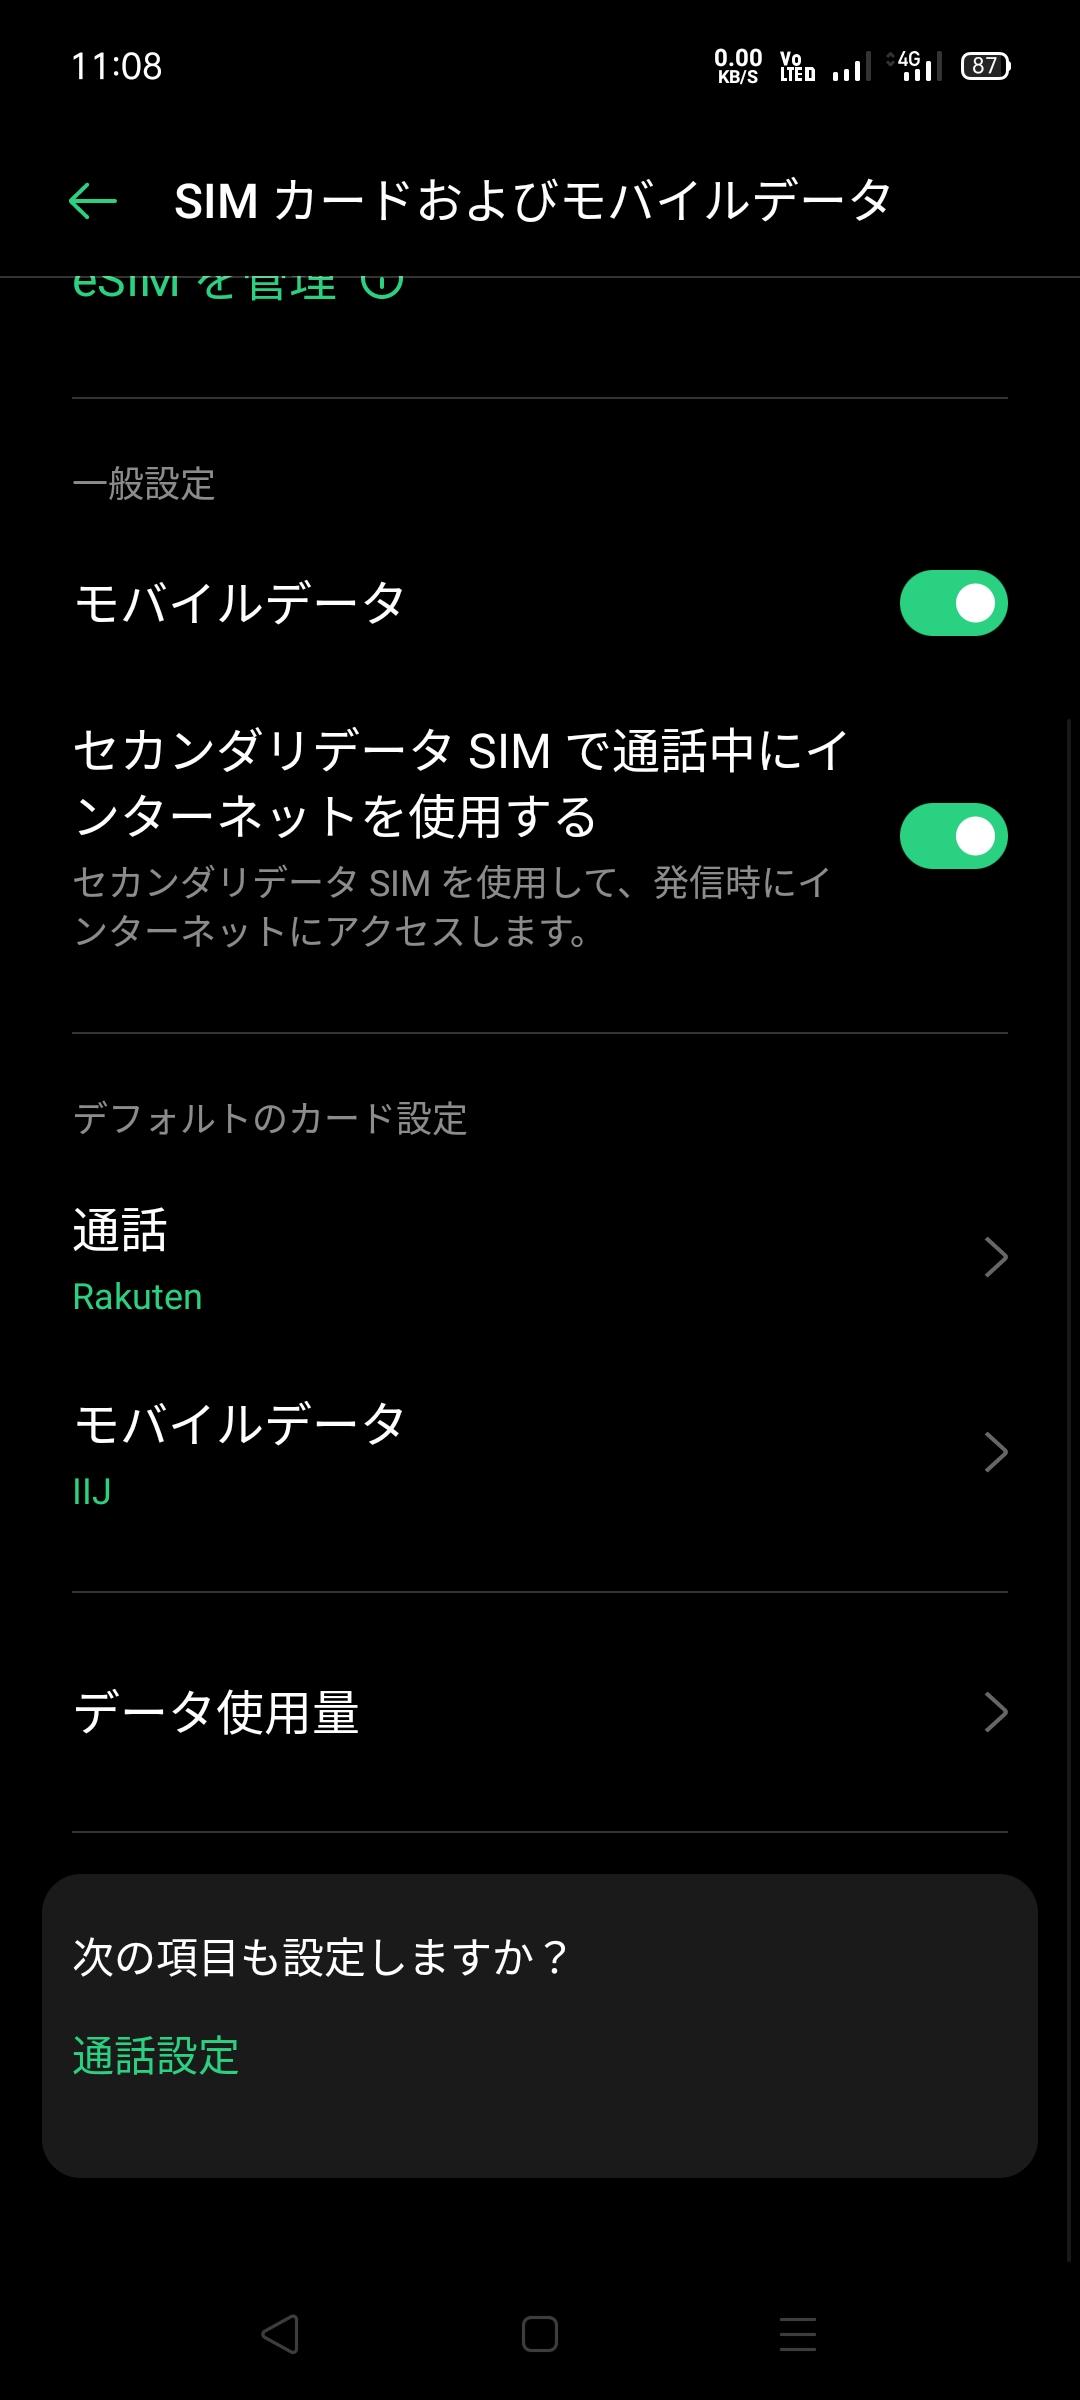 Screenshot_2021-04-29-11-08-43-95.jpg